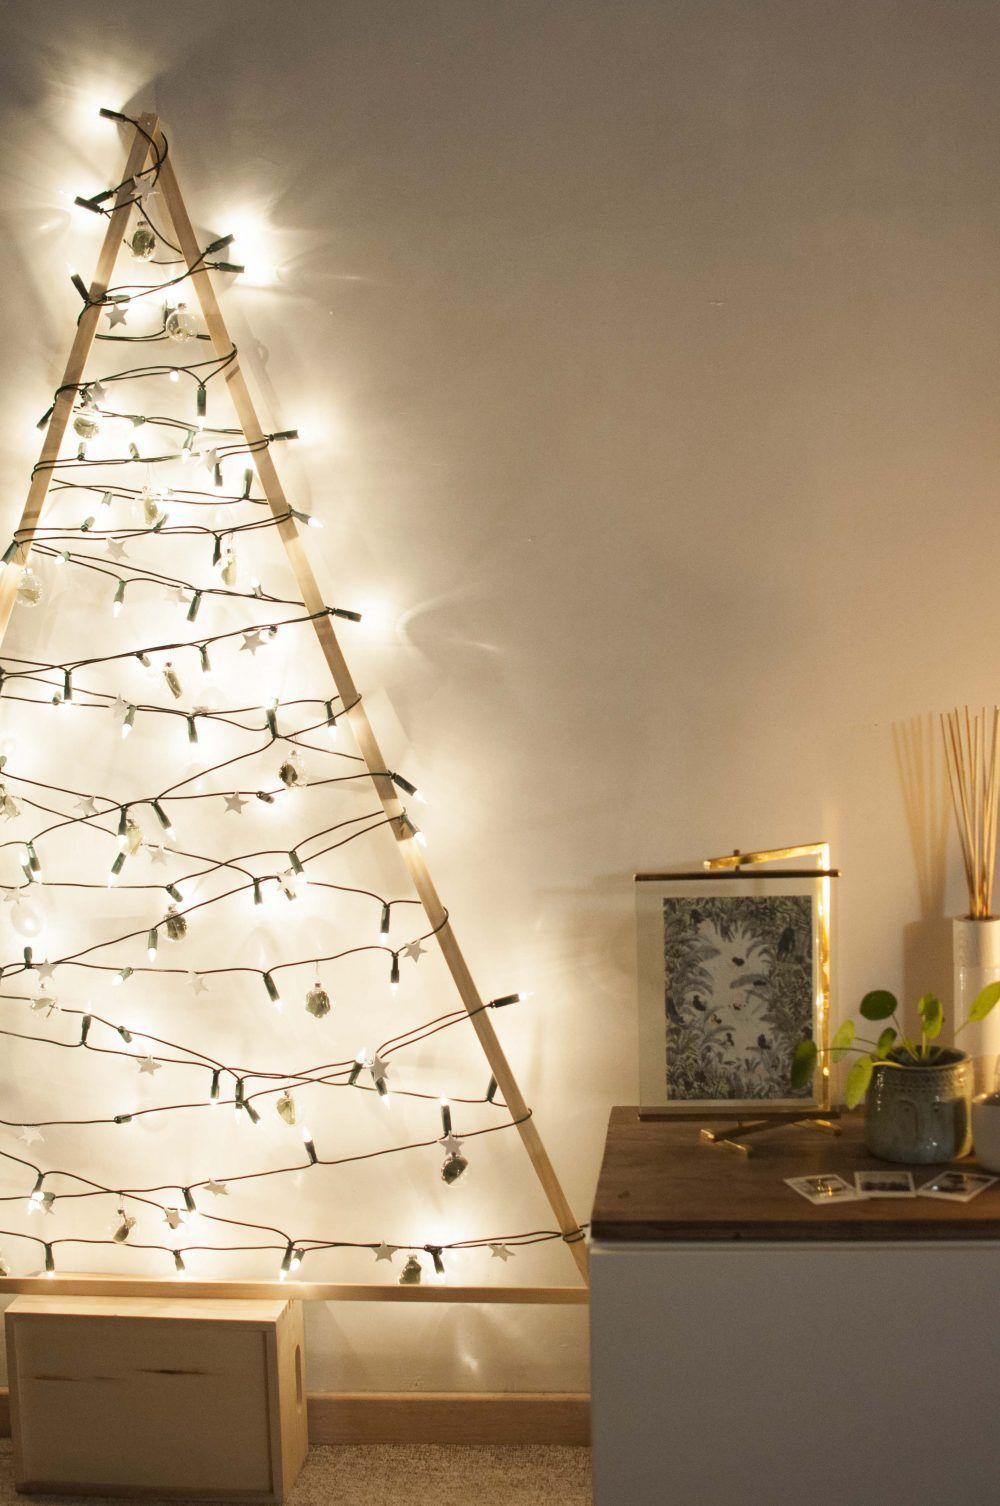 #alternative #DIY #gemachter #Lichterkette #mit #selb #selbst #Tannenbaum #Weihnachtsbaum DIY Selbst gemachter Tannenbaum mit Lichterkette Weihnachtsbaum Alternative selber basteln